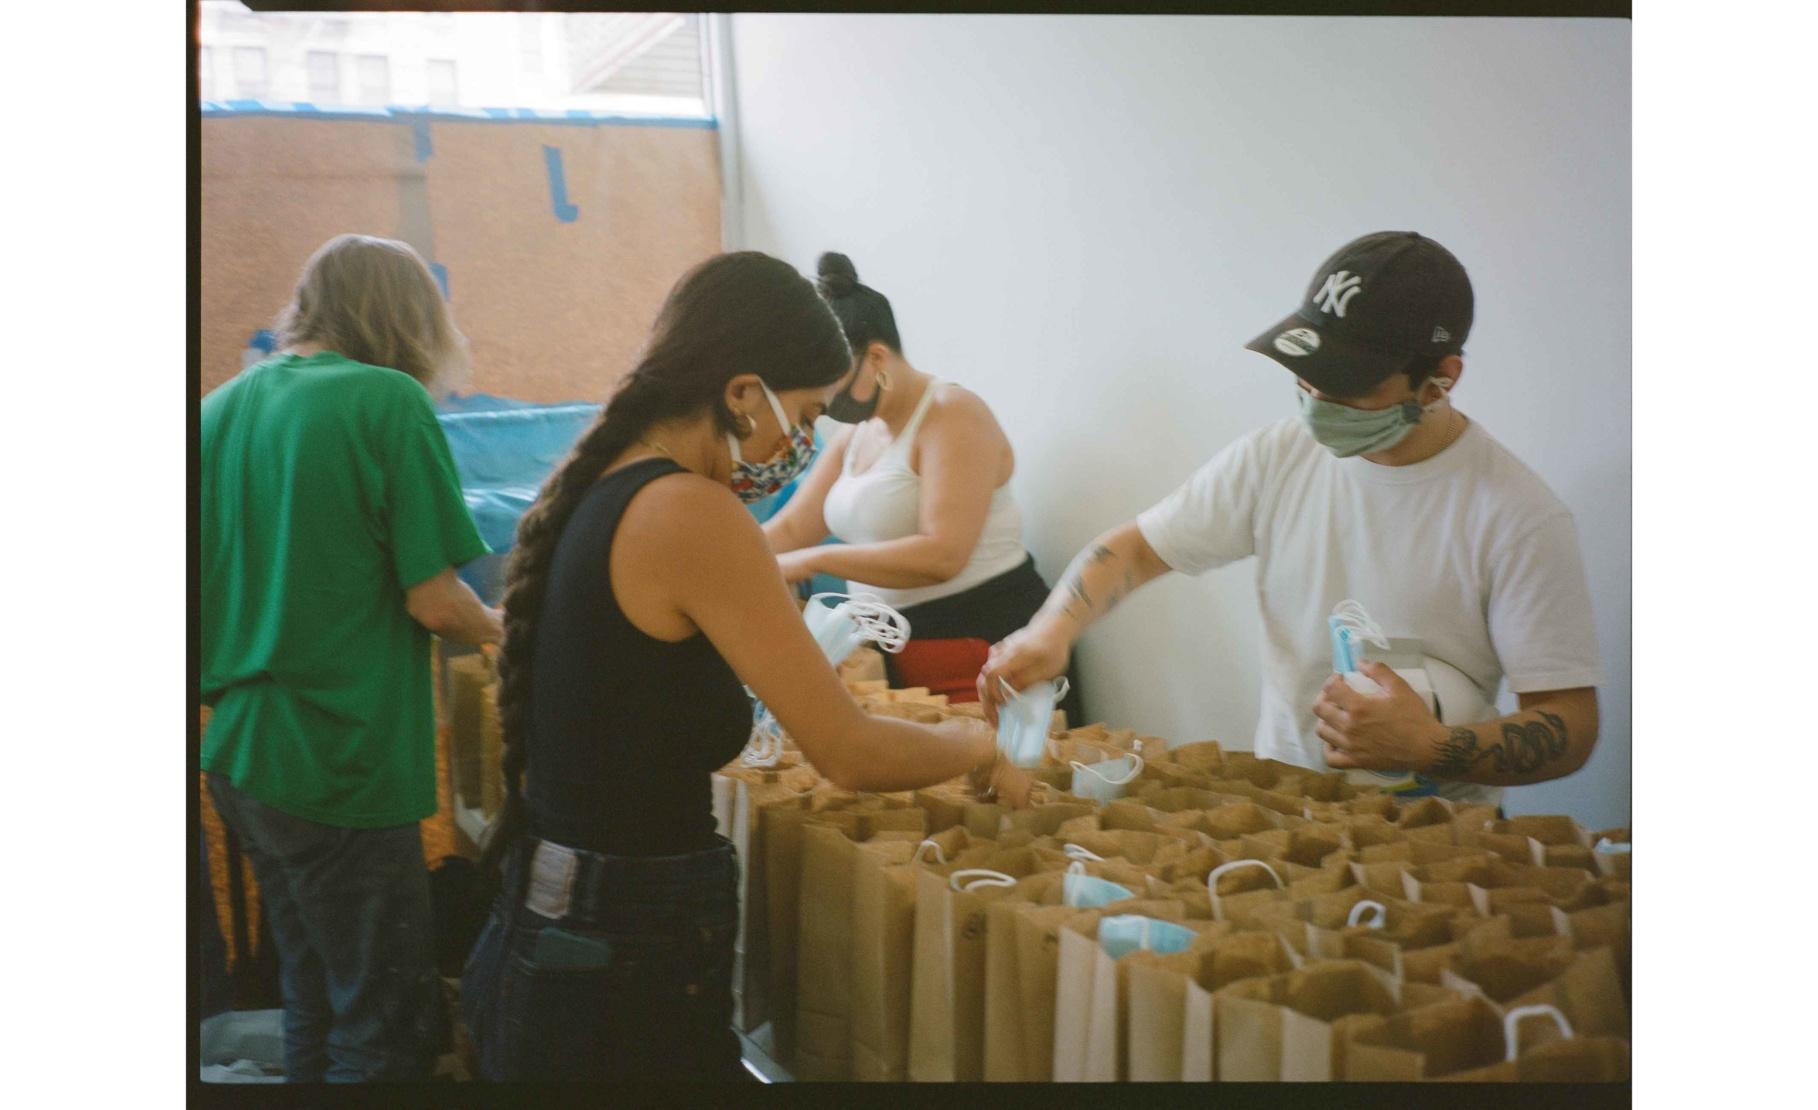 Volunteers hard at work at City Kits HQ. Photo by Jonas Bardin.